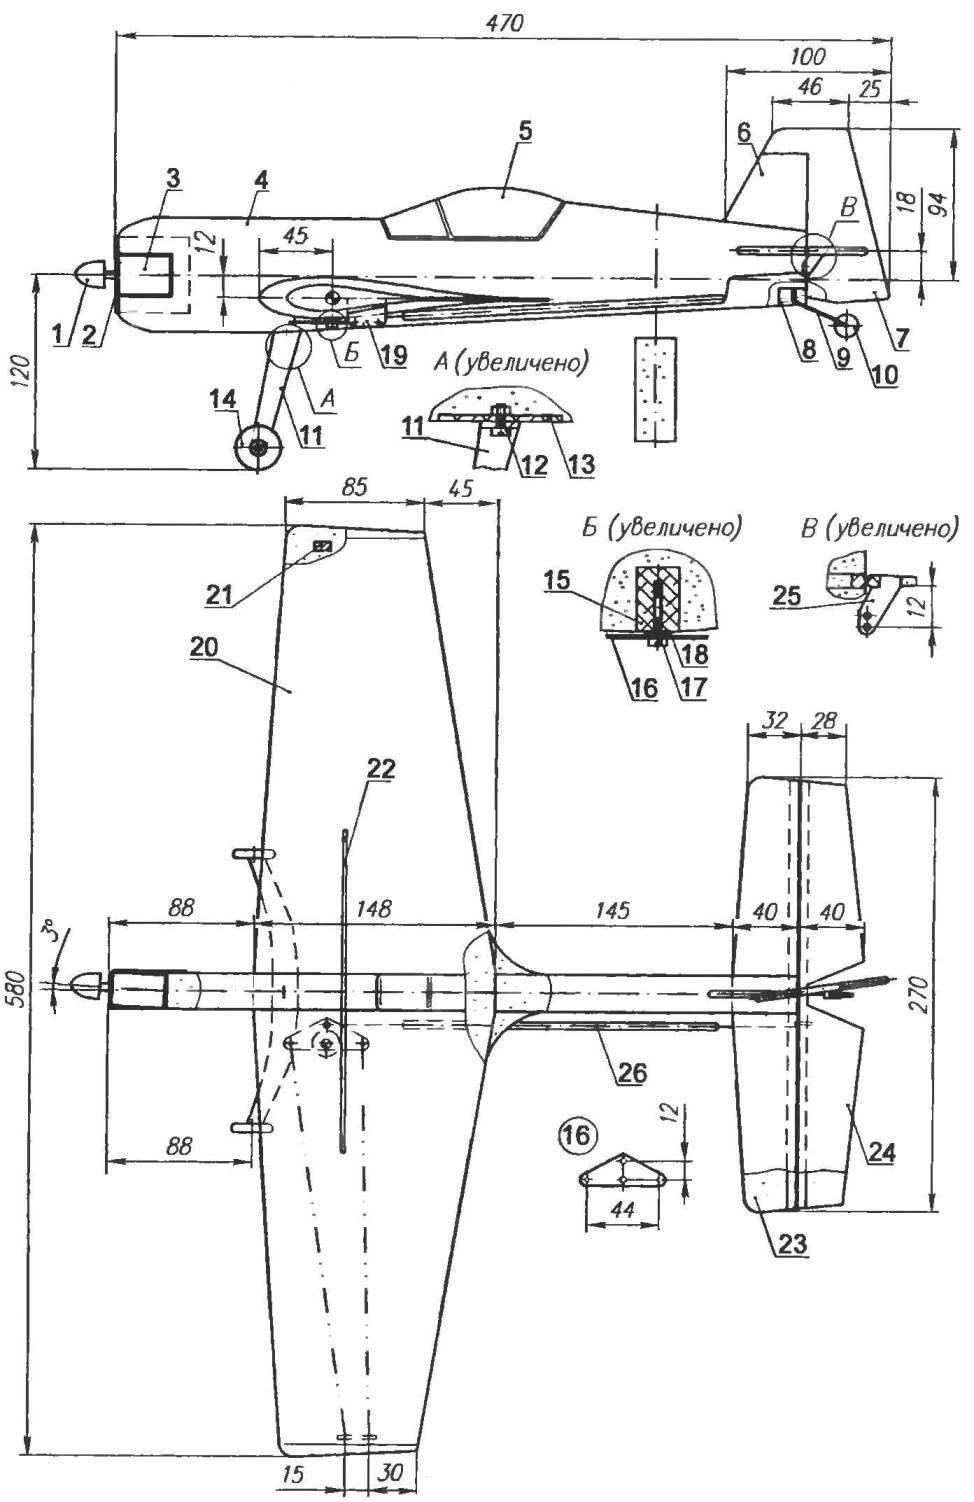 Кордовая тренировочная авиамодель с электродвигателем — полукопия самолета Су-26